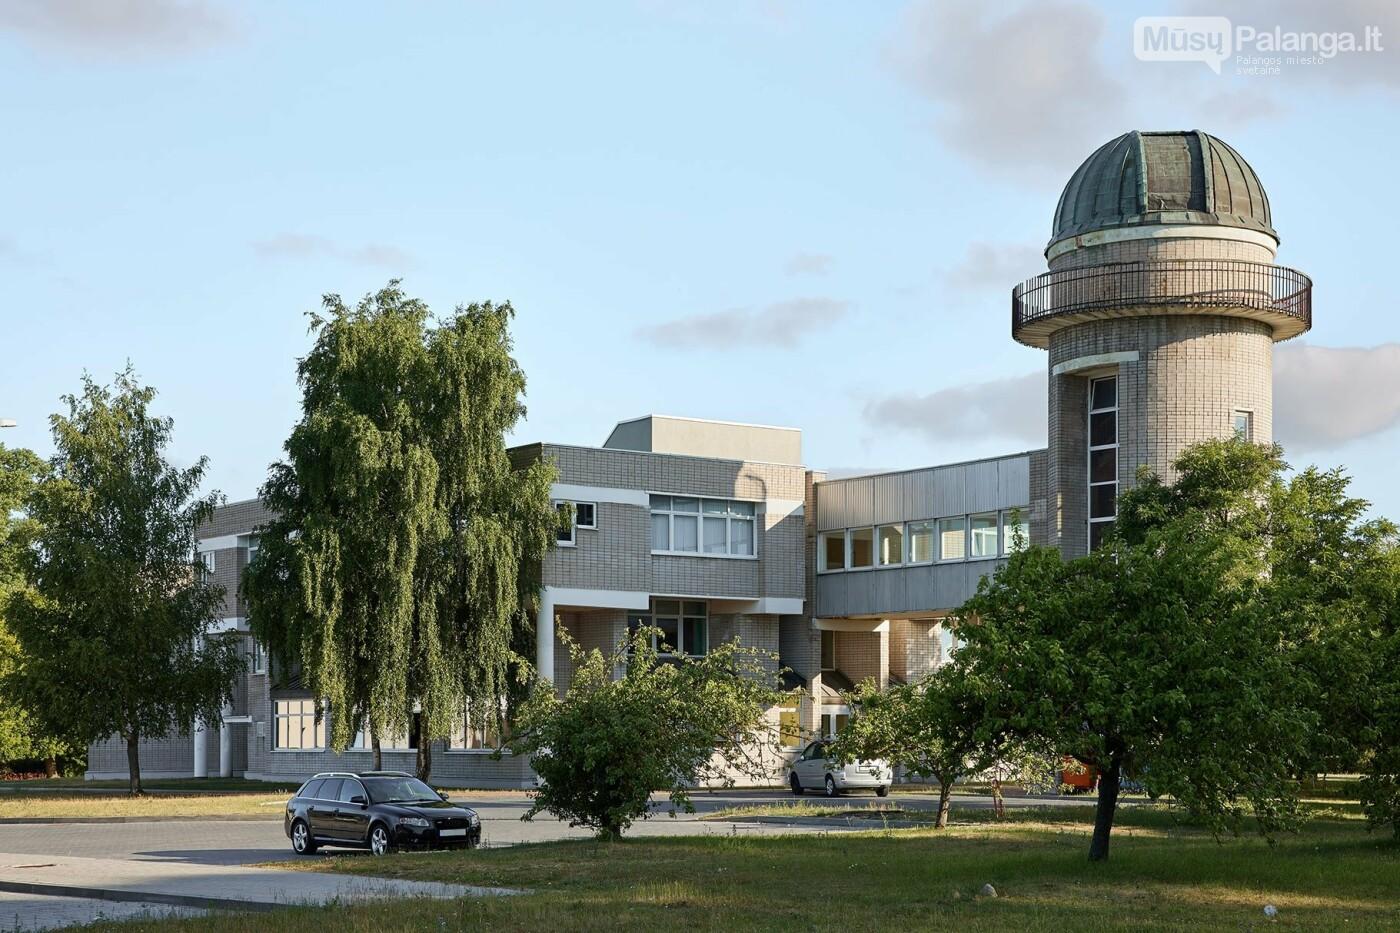 Palangos pradine mokykla, Nuotr. N. Tukaj